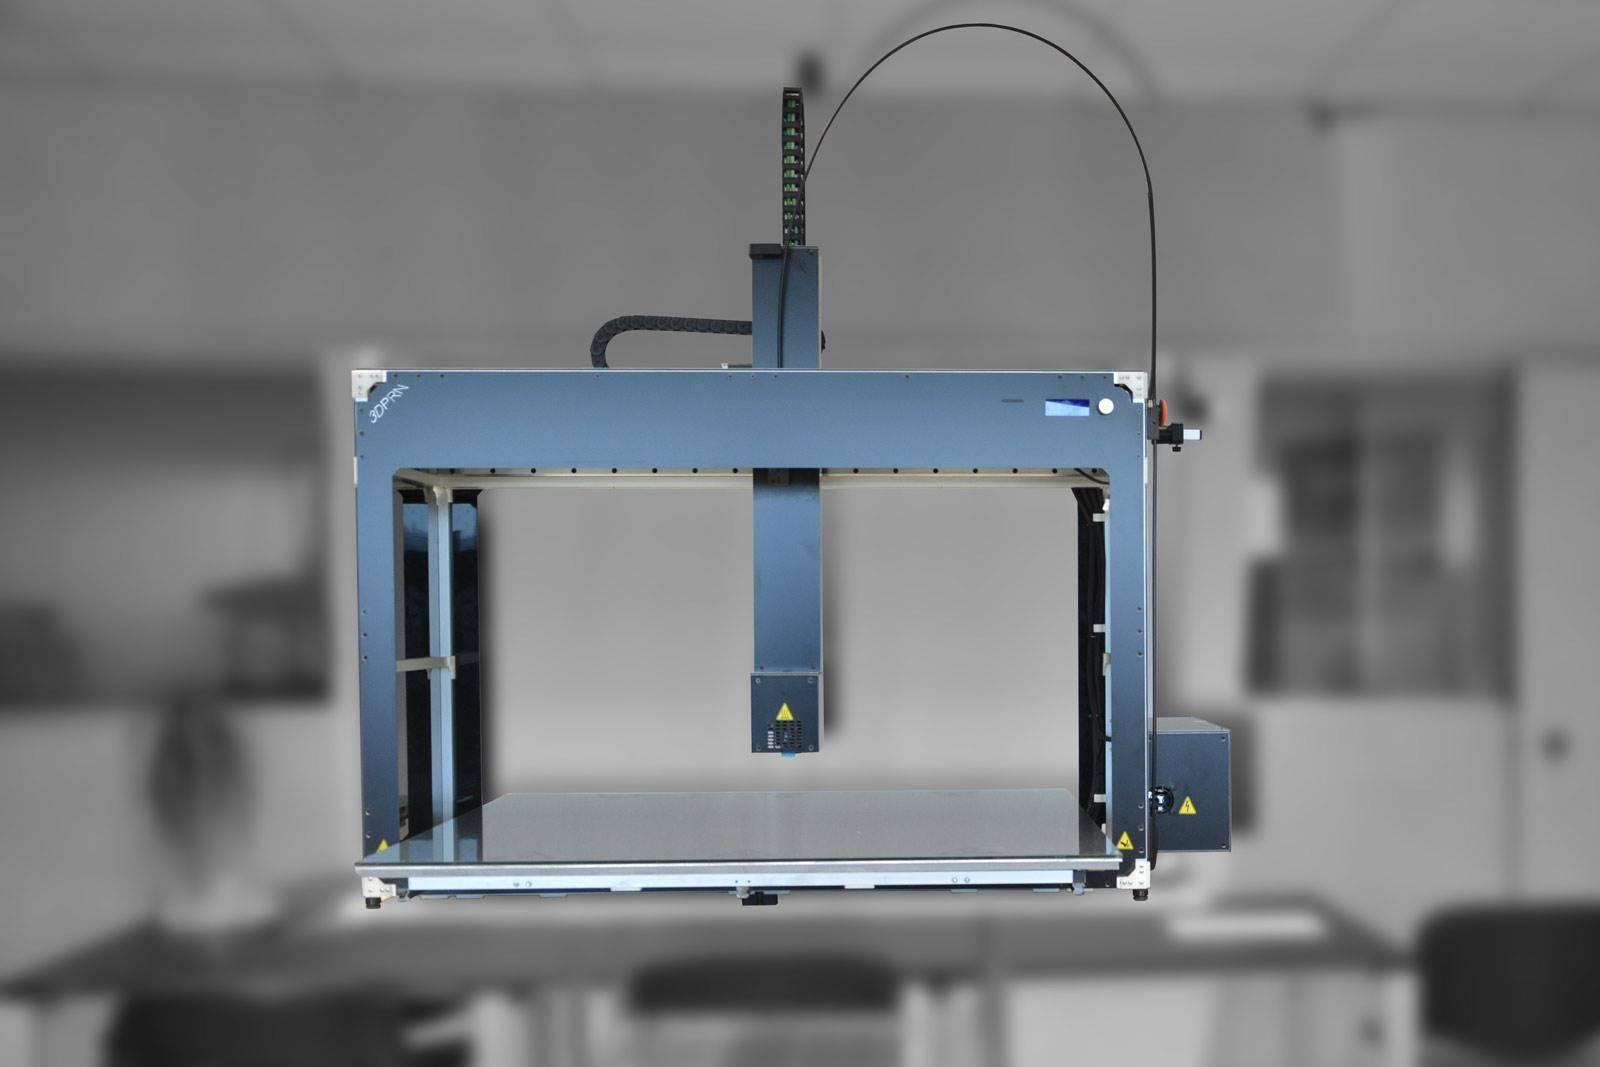 stampante 3D tips modello h5 - Stampanti 3D Professionali